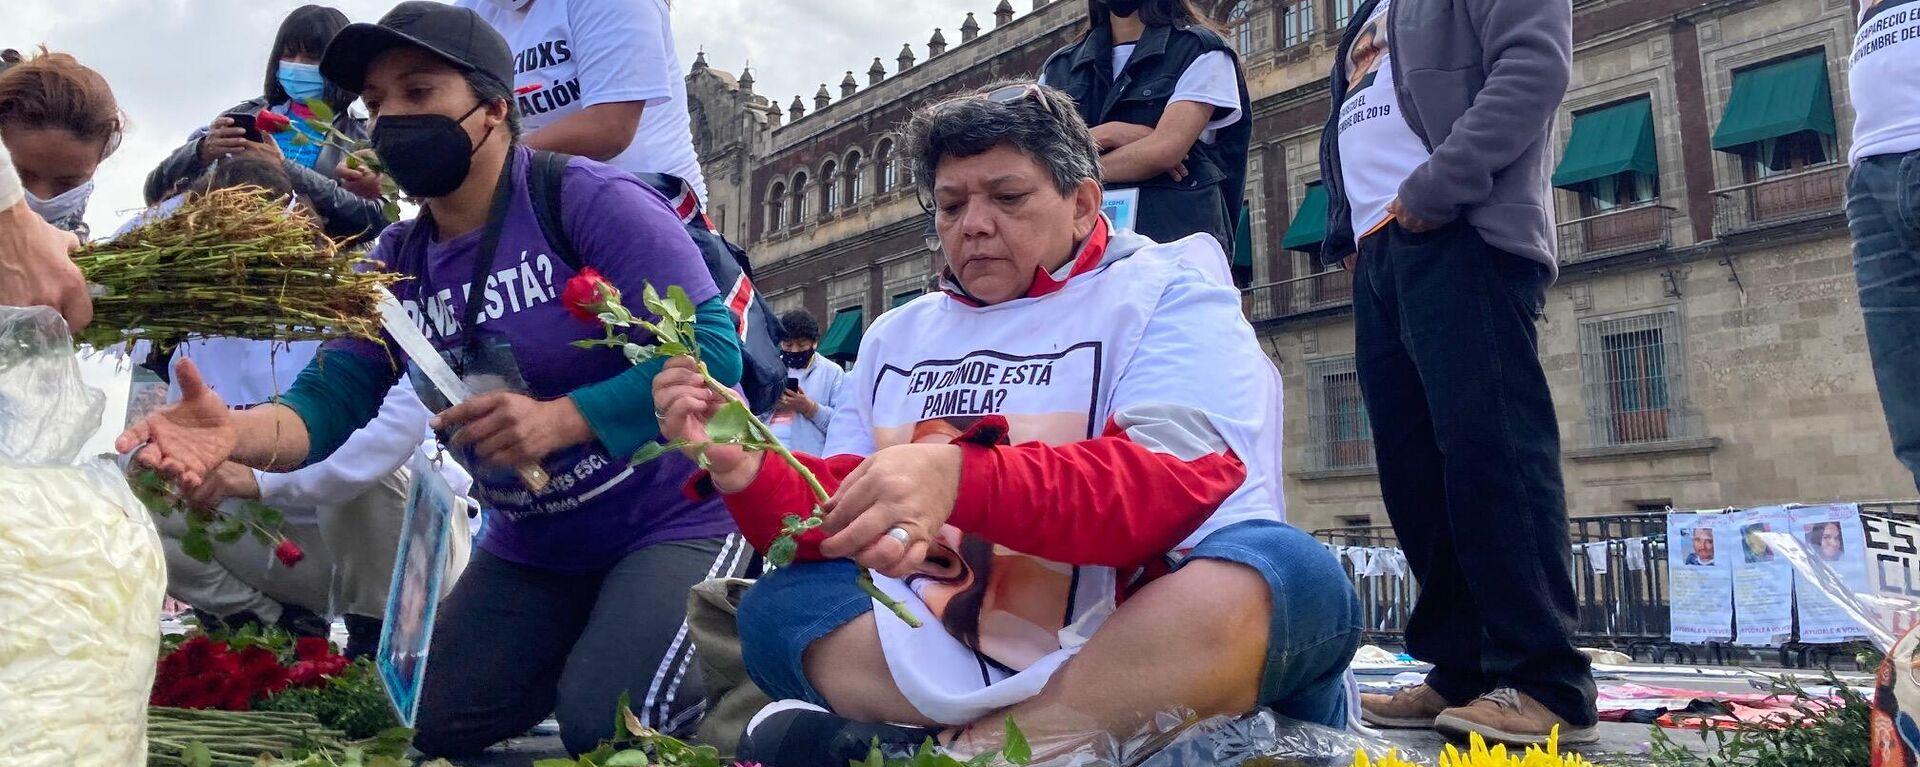 Protestas en la Ciudad de México en el Día Internacional de desaparición forzada - Sputnik Mundo, 1920, 30.08.2021